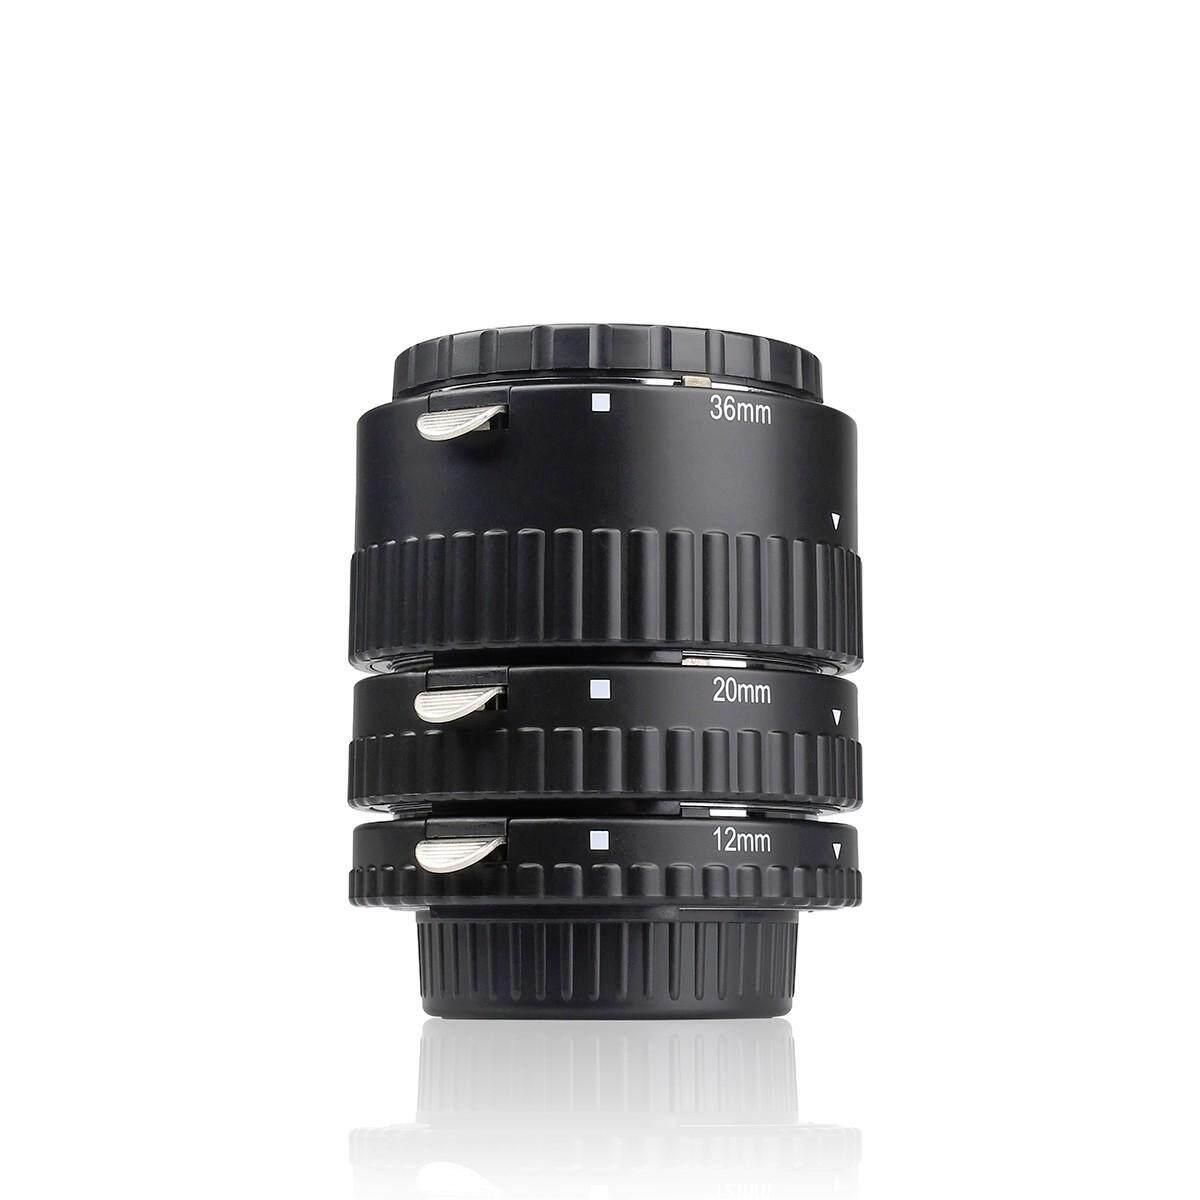 ท่อมาโคร Meike Mk-N-Af1-A สำหรับกล้อง Dslr Nikon เมาว์เหล็กแข็งแรง.